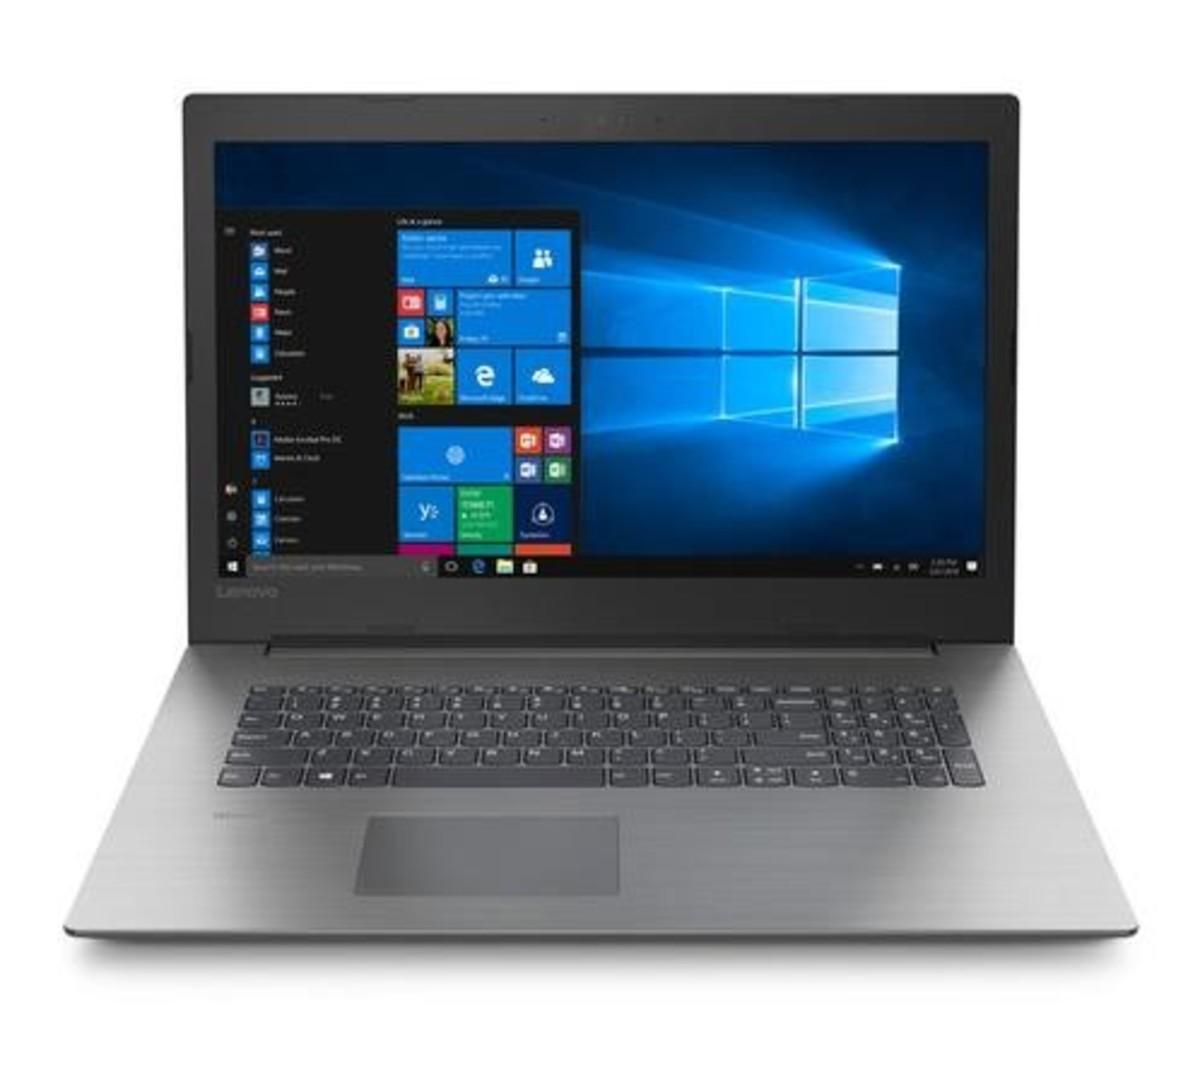 Bild 1 von Lenovo Notebook IdeaPad 330-17AST | B-Ware - Ausstellungsstück - kleine Mängel am Gehäuse